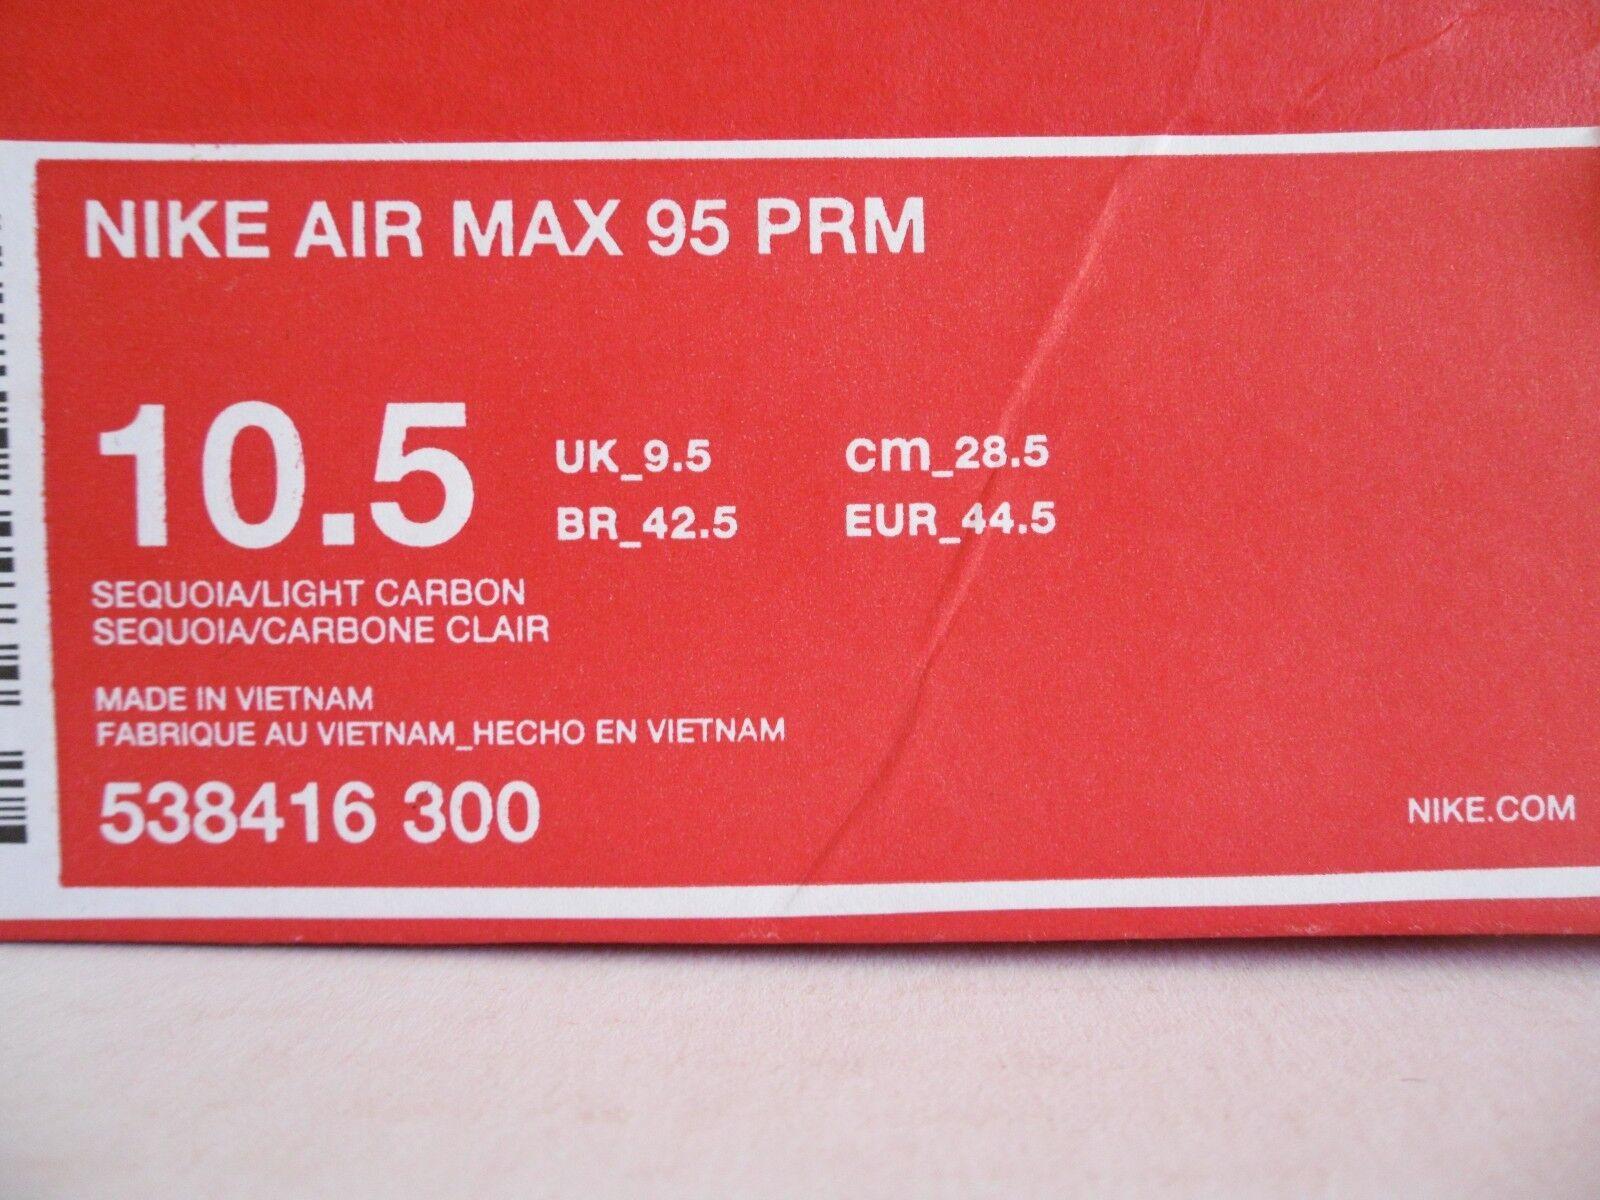 nike air max 95 premium prm 10,5 sequoia-light kohlenstoff